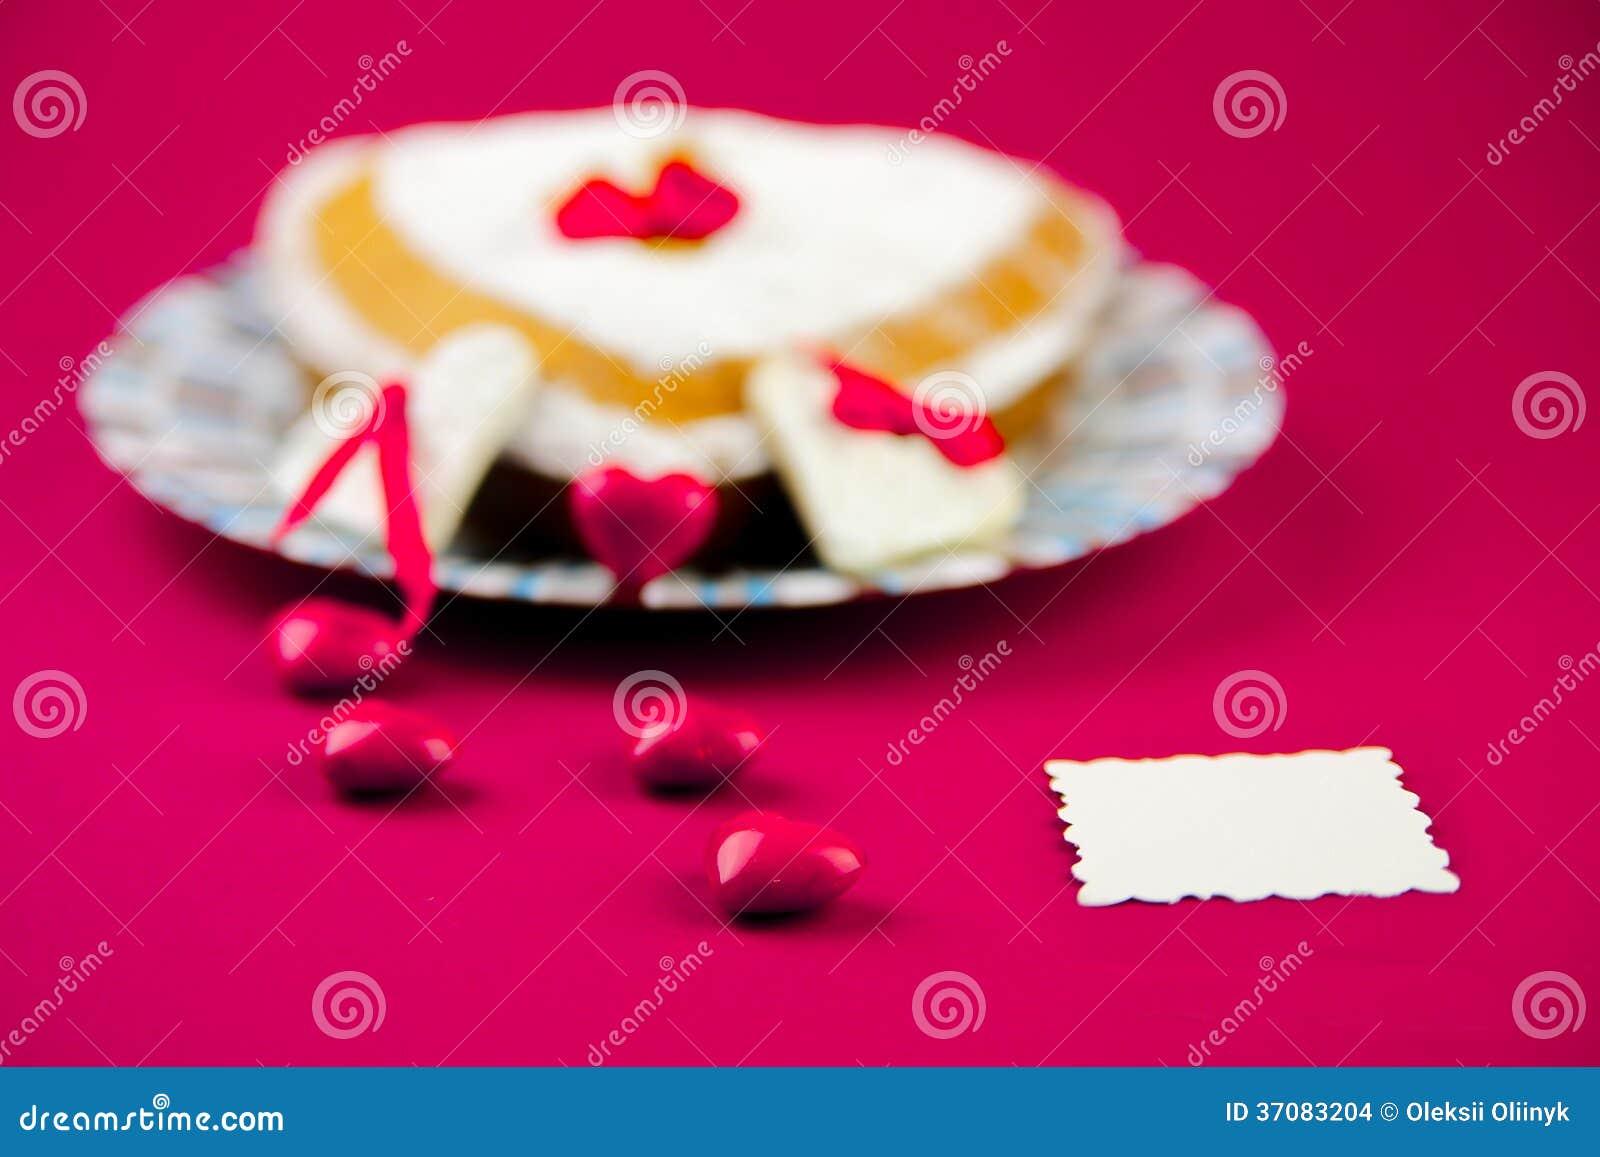 Download Walentynka Tort Na Różowym Tle Zdjęcie Stock - Obraz złożonej z miodownik, miłość: 37083204